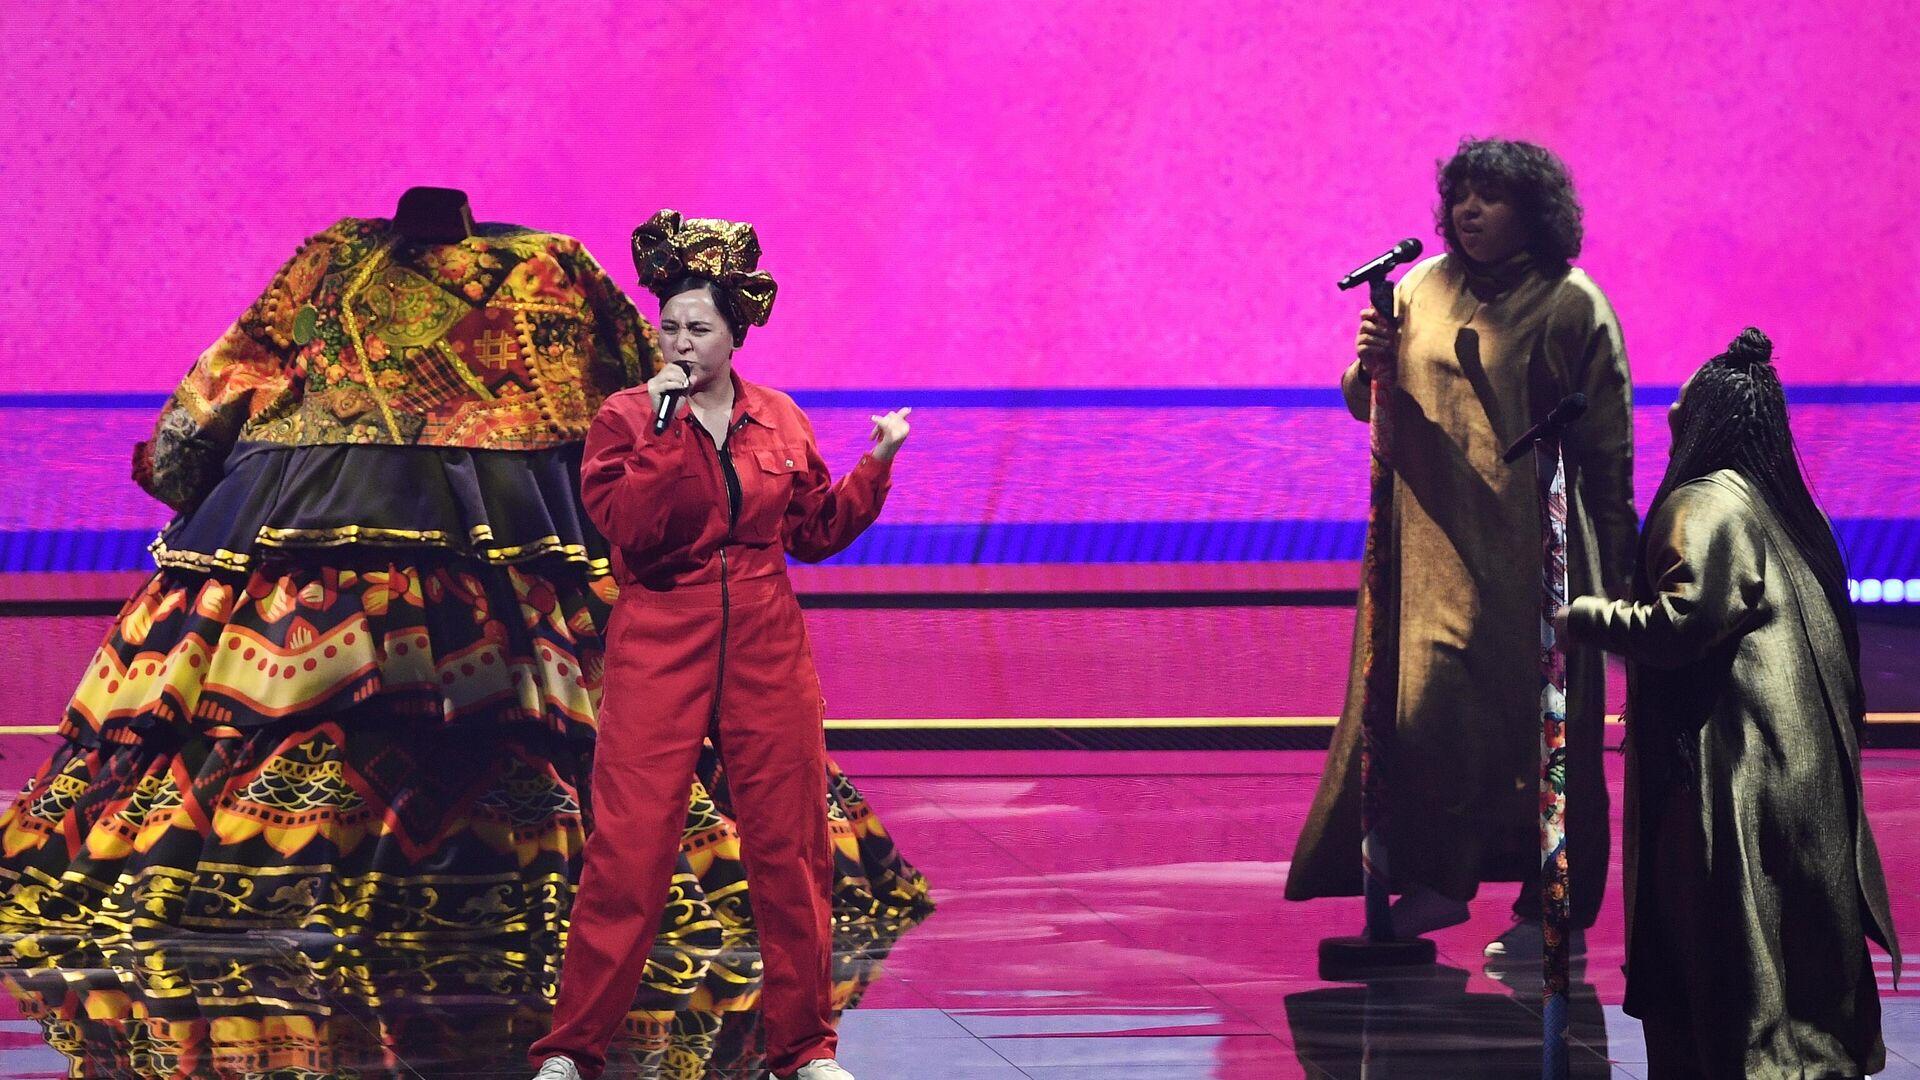 Певица Манижа выступает на репетиции первого полуфинала конкурса песни Евровидение-2021 в Роттердаме - РИА Новости, 1920, 21.05.2021